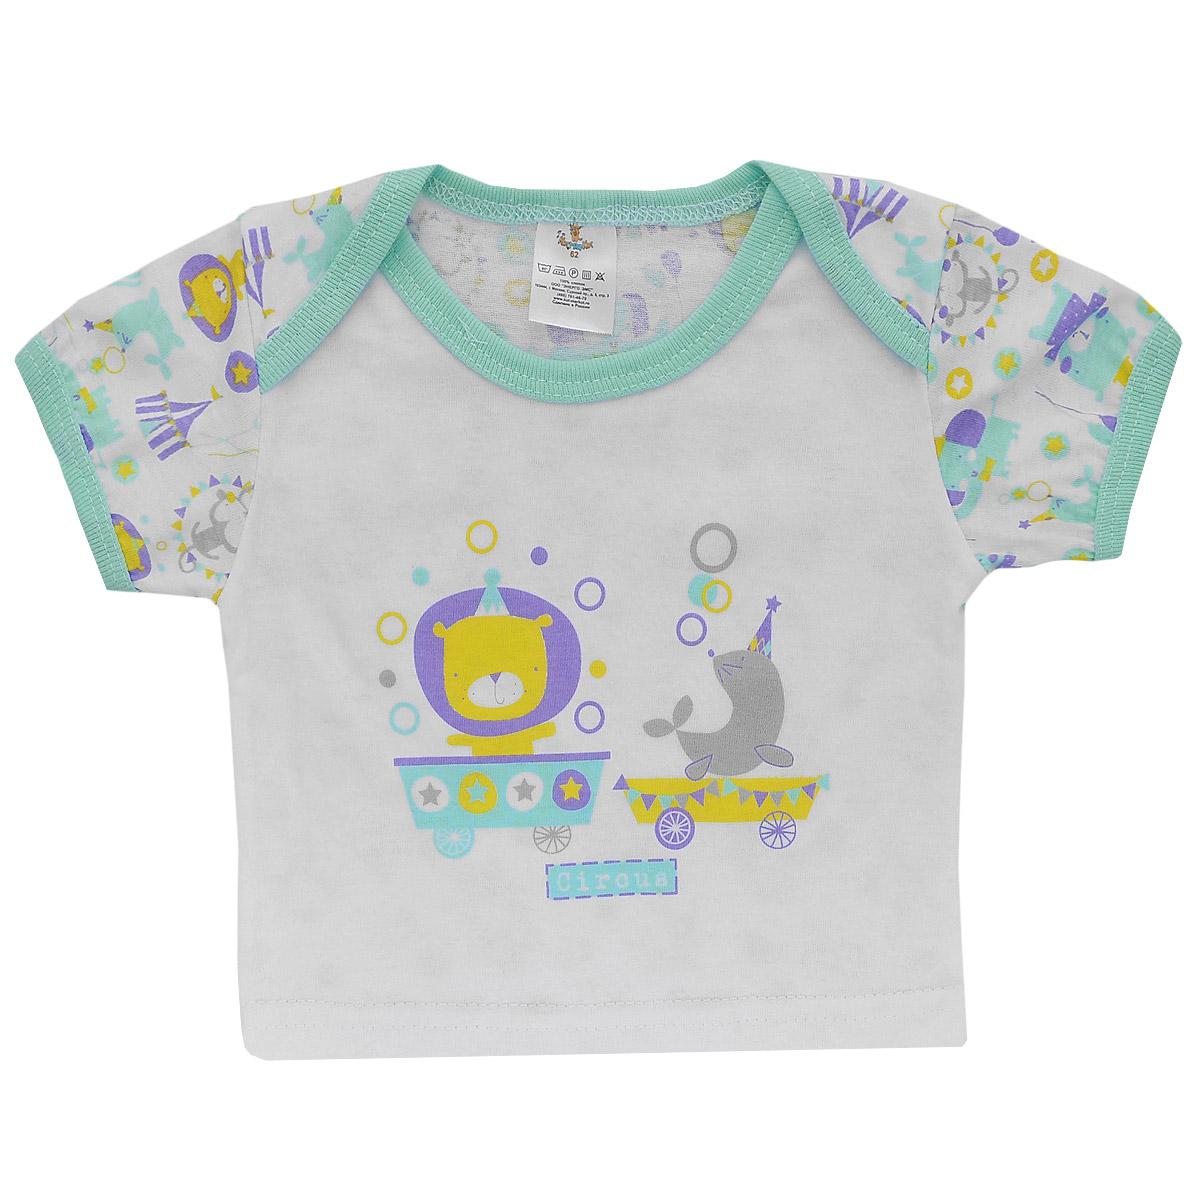 Футболка детская. 77487748Детская футболка КотМарКот для новорожденного послужит идеальным дополнением к гардеробу вашего малыша, обеспечивая ему наибольший комфорт. Изготовленная из натурального хлопка - кулирки, она необычайно мягкая и легкая, не раздражает нежную кожу ребенка и хорошо вентилируется, а эластичные швы приятны телу младенца и не препятствуют его движениям. Футболка с короткими рукавами и круглым врезом горловины имеет специальные запахи на плечах, которые позволяют без труда переодеть ребенка. На груди изделие оформлено оригинальным принтом с изображением циркового животного. Футболка полностью соответствует особенностям жизни малыша в ранний период, не стесняя и не ограничивая его в движениях.